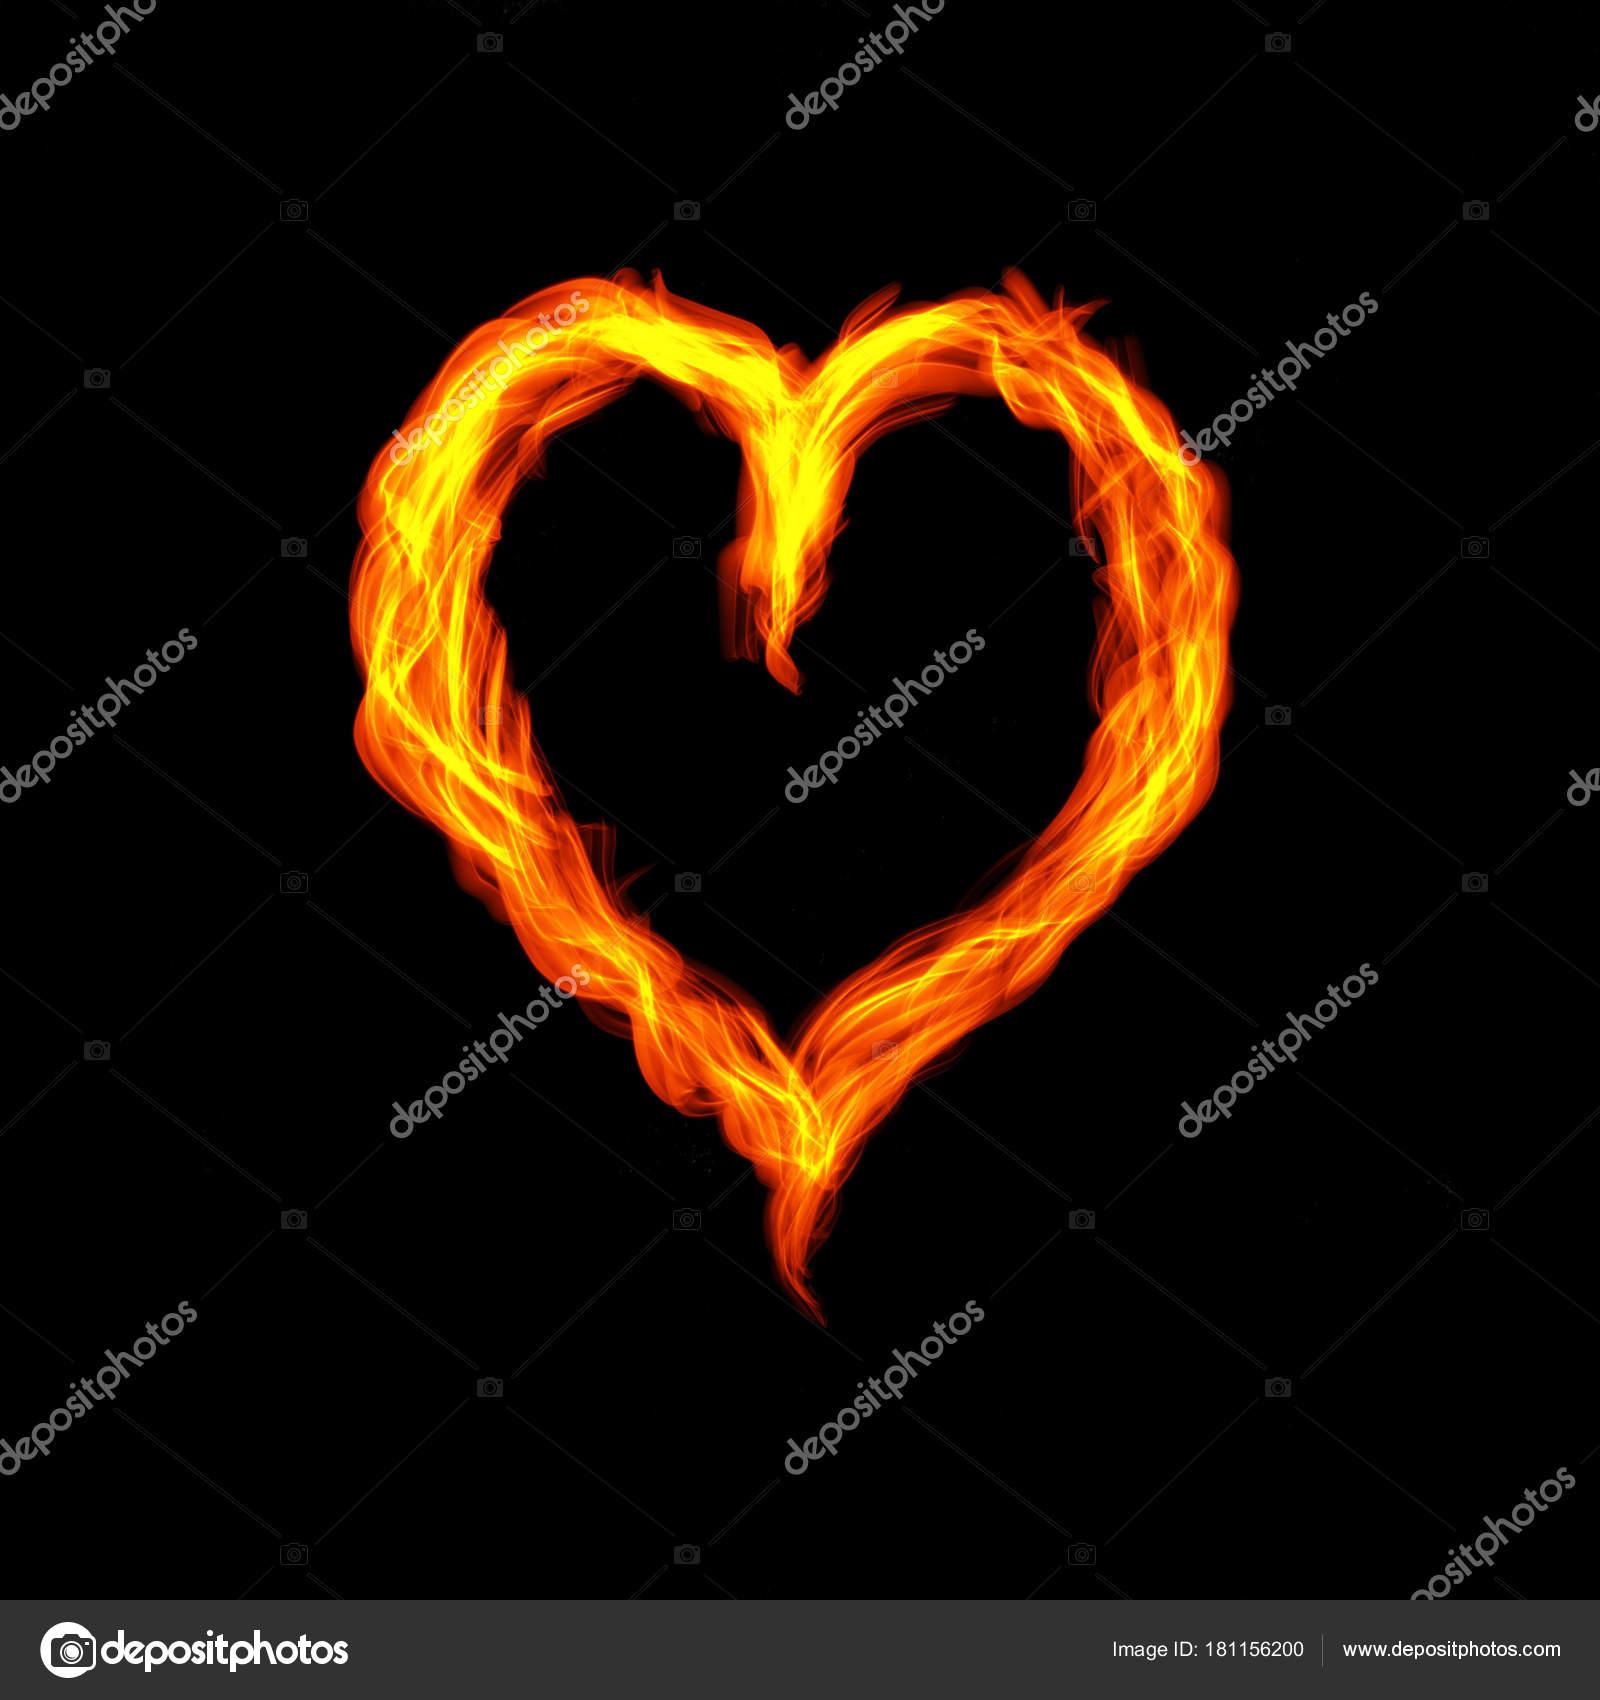 Heiß Feuer Herzen brennen auf schwarzem Hintergrund. Leidenschaft ...